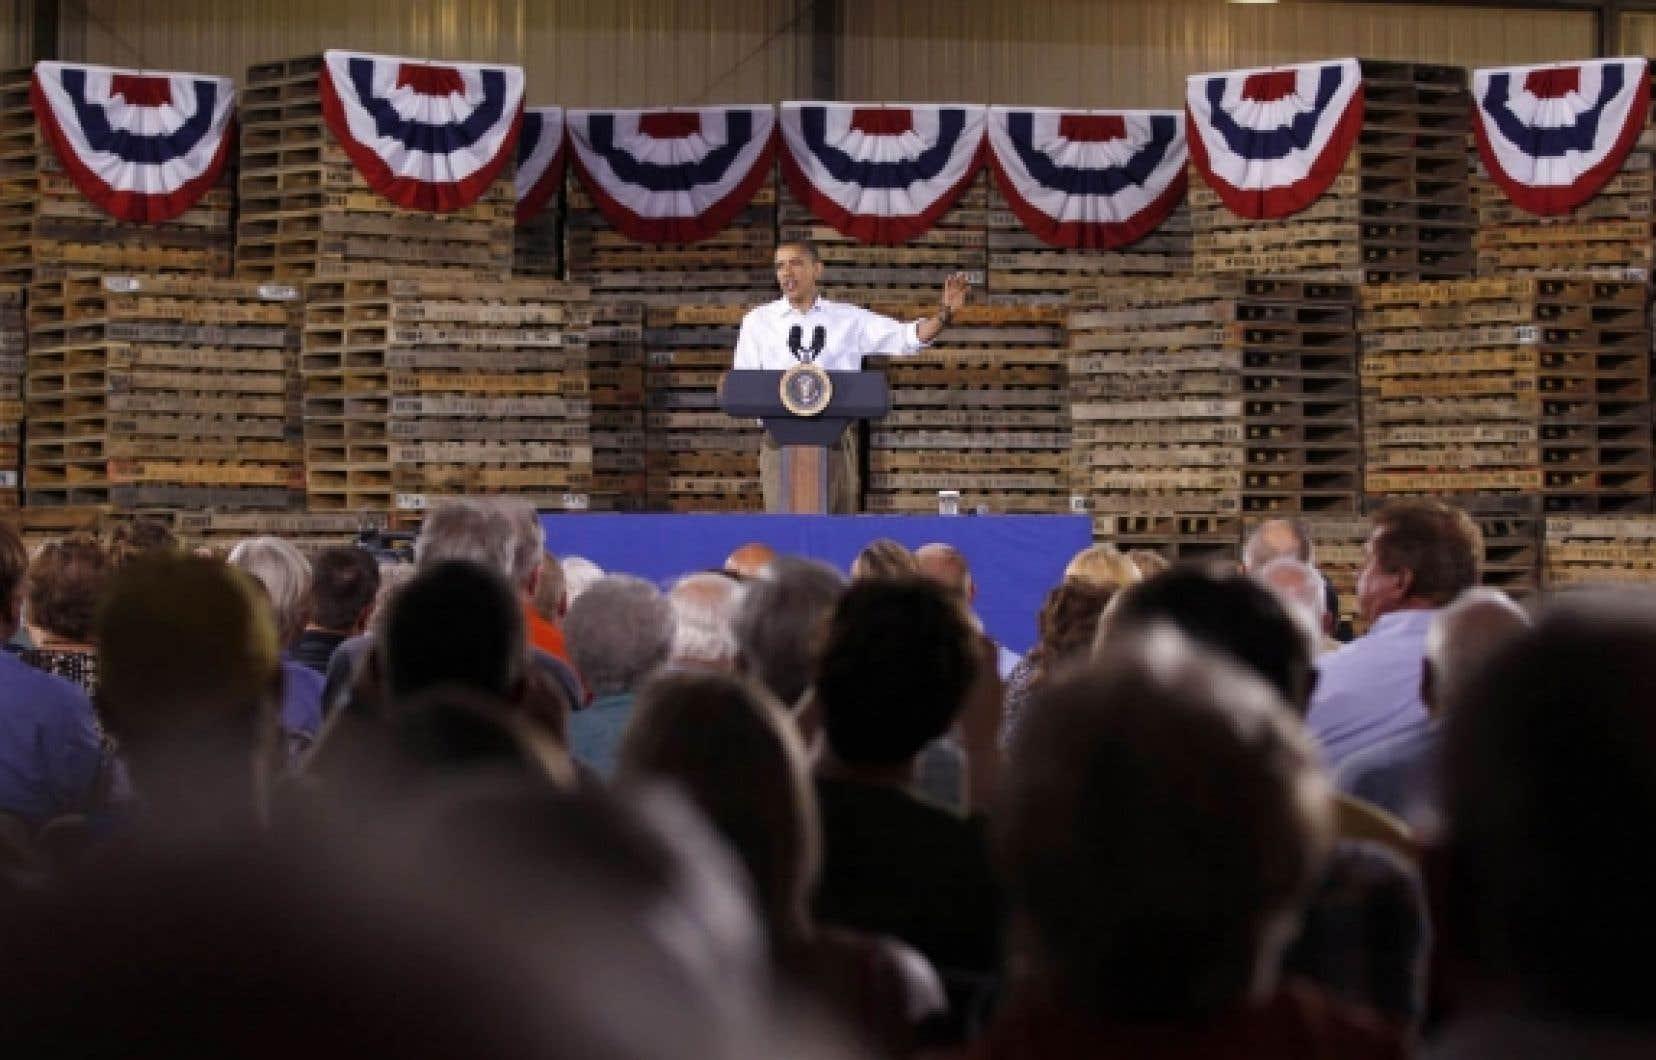 En tournée dans l'Illinois, hier, Barack Obama a révélé qu'il déposerait en septembre un nouveau plan pour créer des emplois et relancer l'économie. <br />